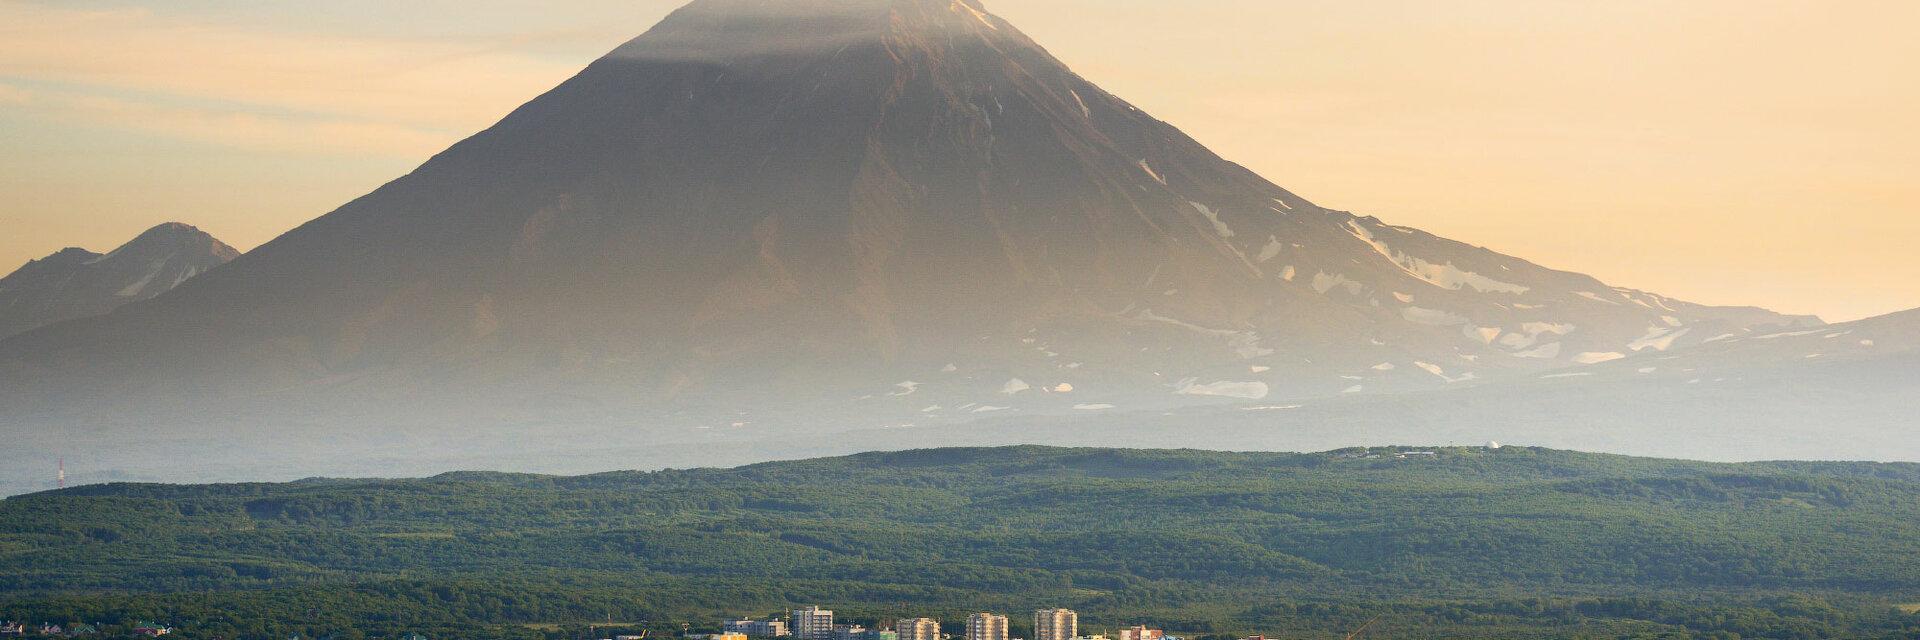 Поиск отелей в Петропавловске-Камчатском